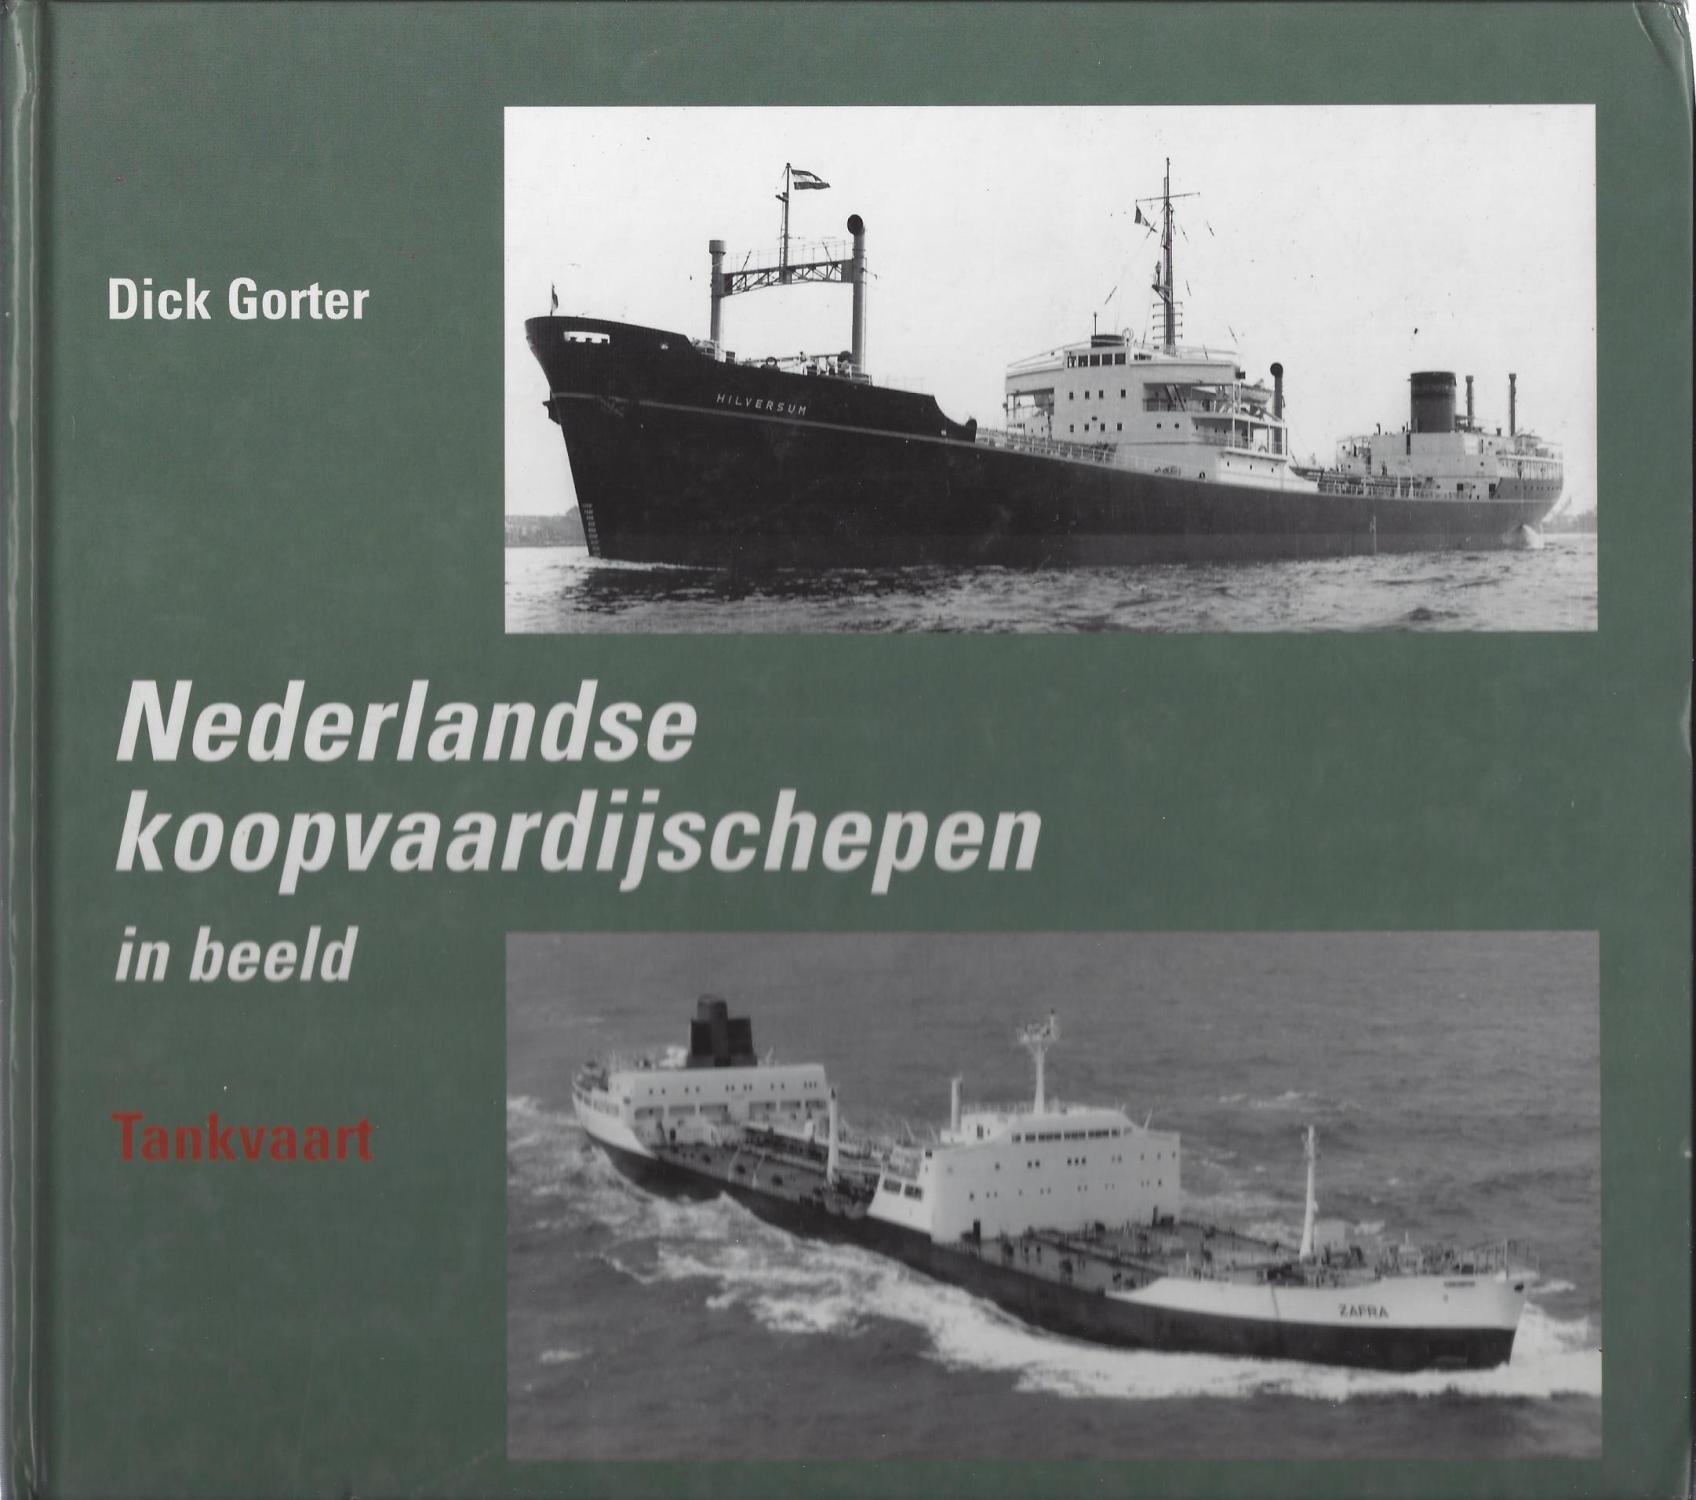 Nederlandse Koopvaardijschepen in Beeld Deel 4, Tankvaart, Gorter, Dick